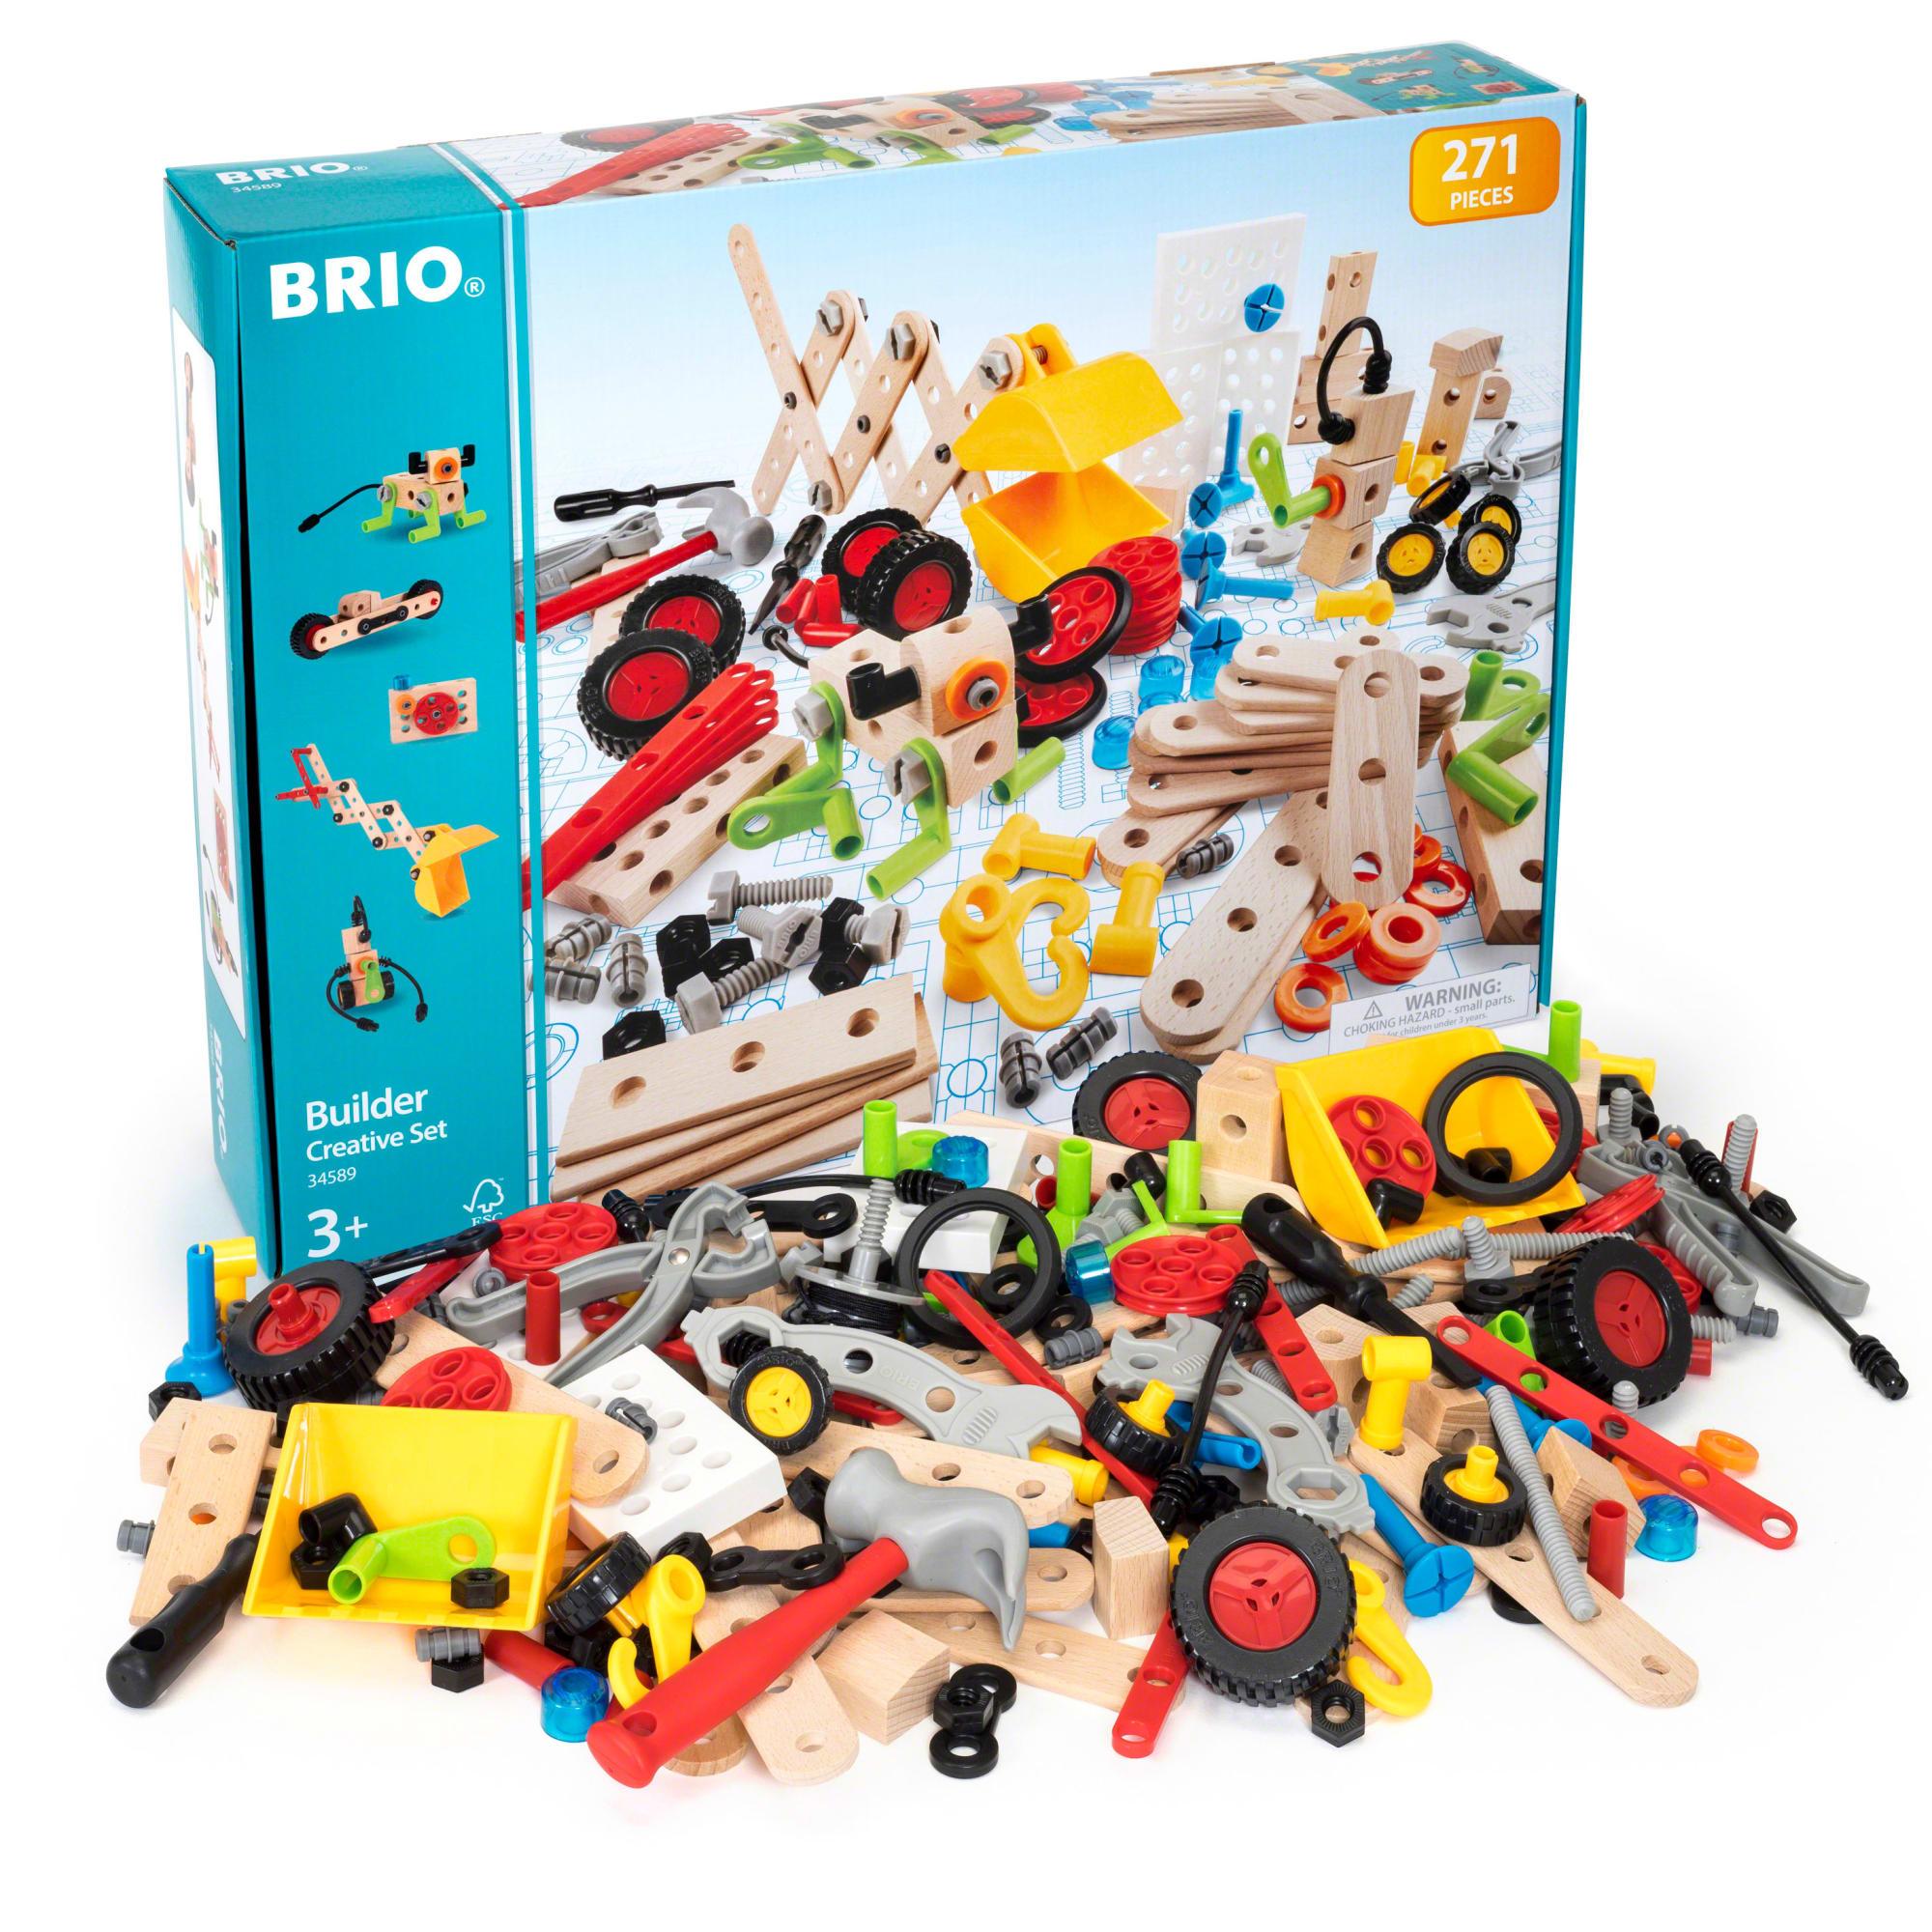 Kreativt sæt med værktøj, dele og inspiration til at bygge løs